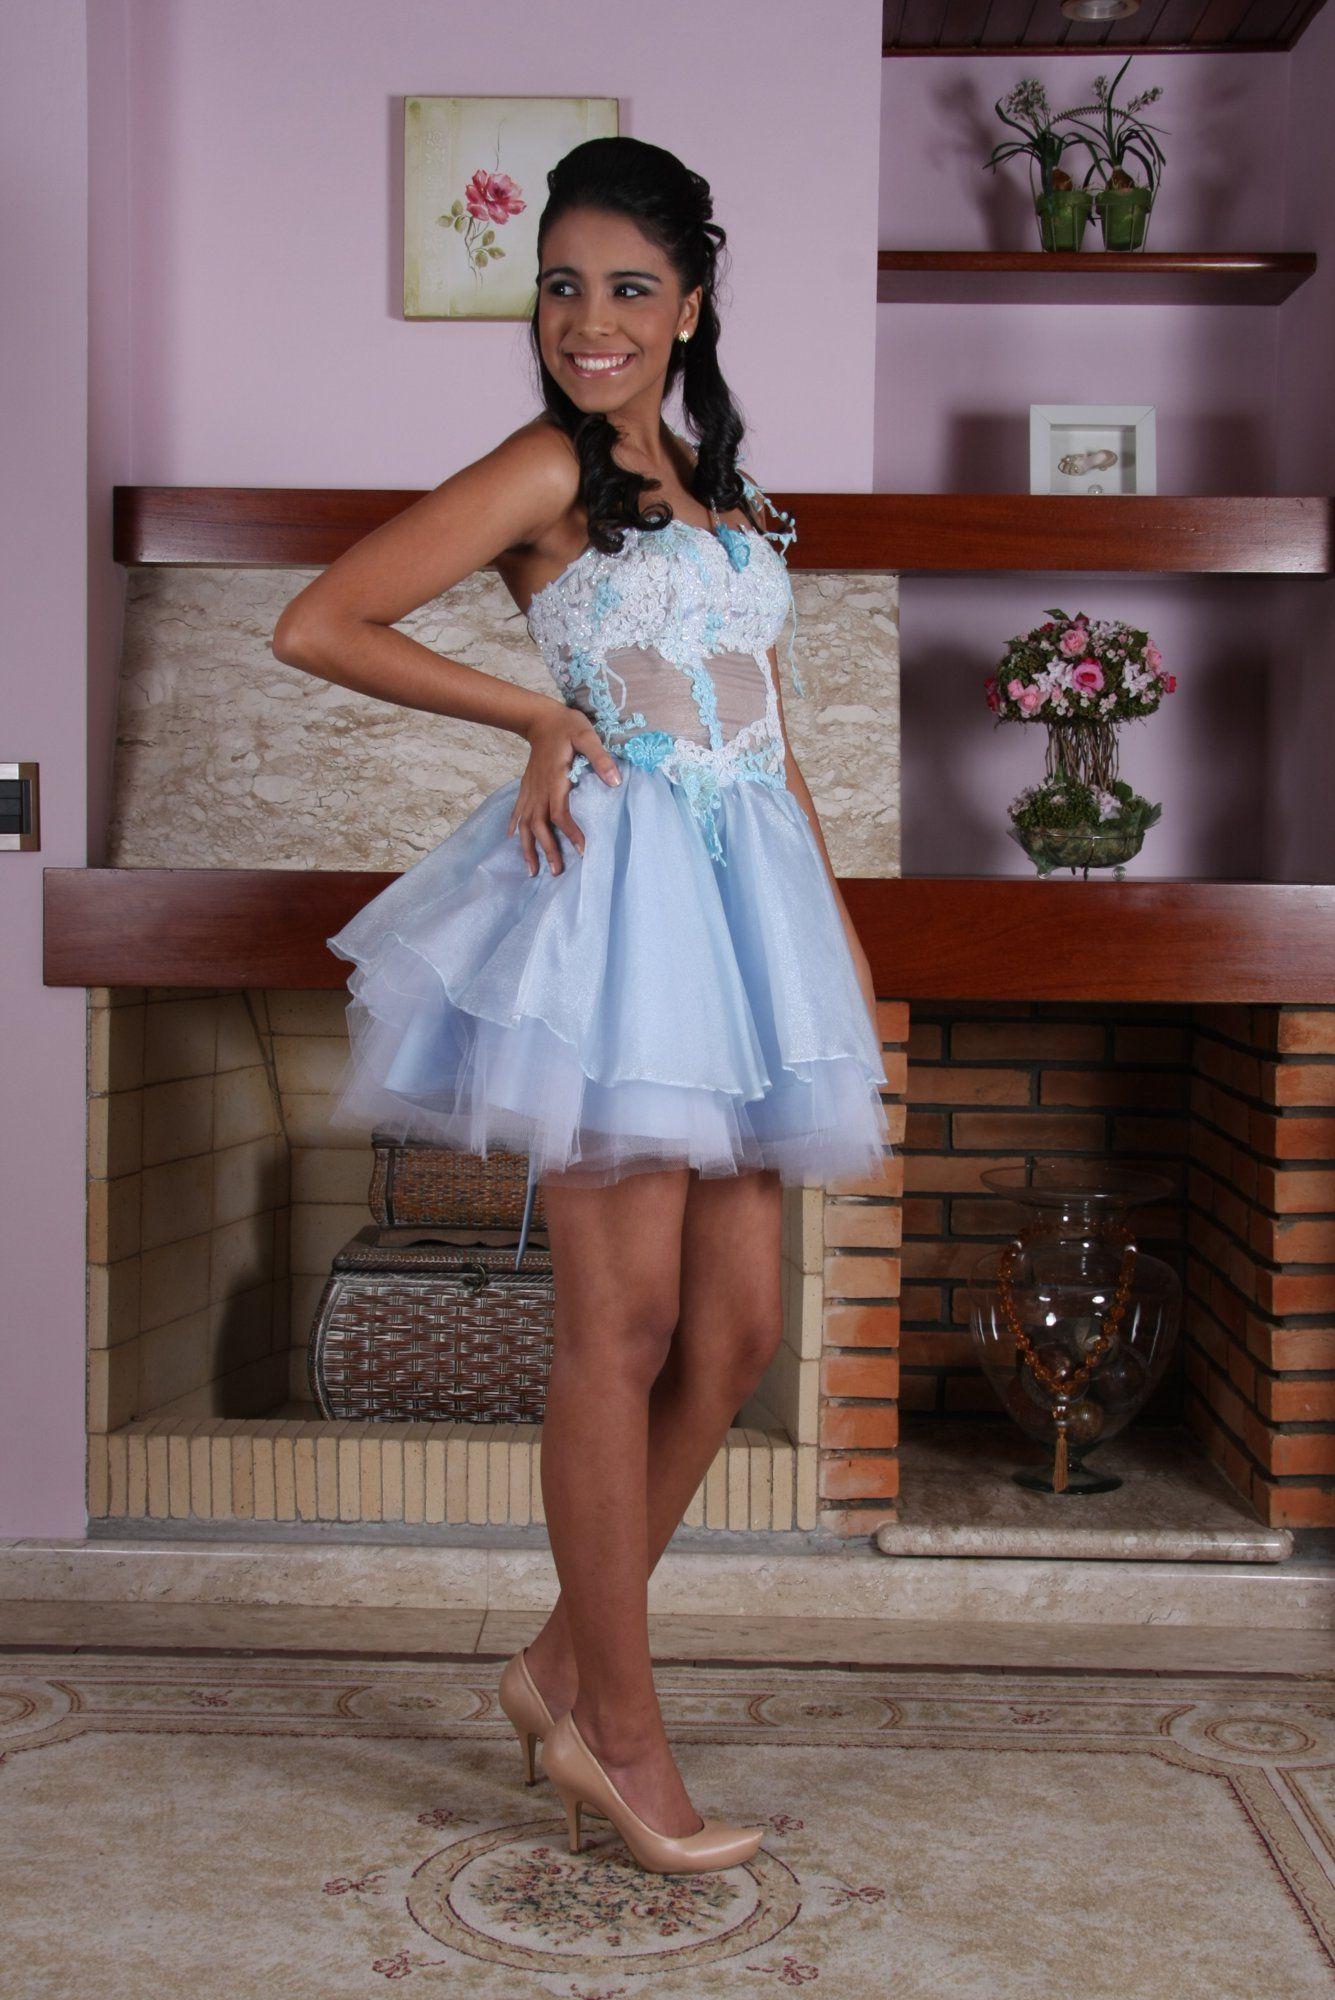 Vestido de Debutante Azul - 11 - Hipnose Alta Costura e Spa para Noivas e Noivos - Campinas - SP Vestido de Debutante, Vestido de Debutante Azul, Hipnose Alta Costura